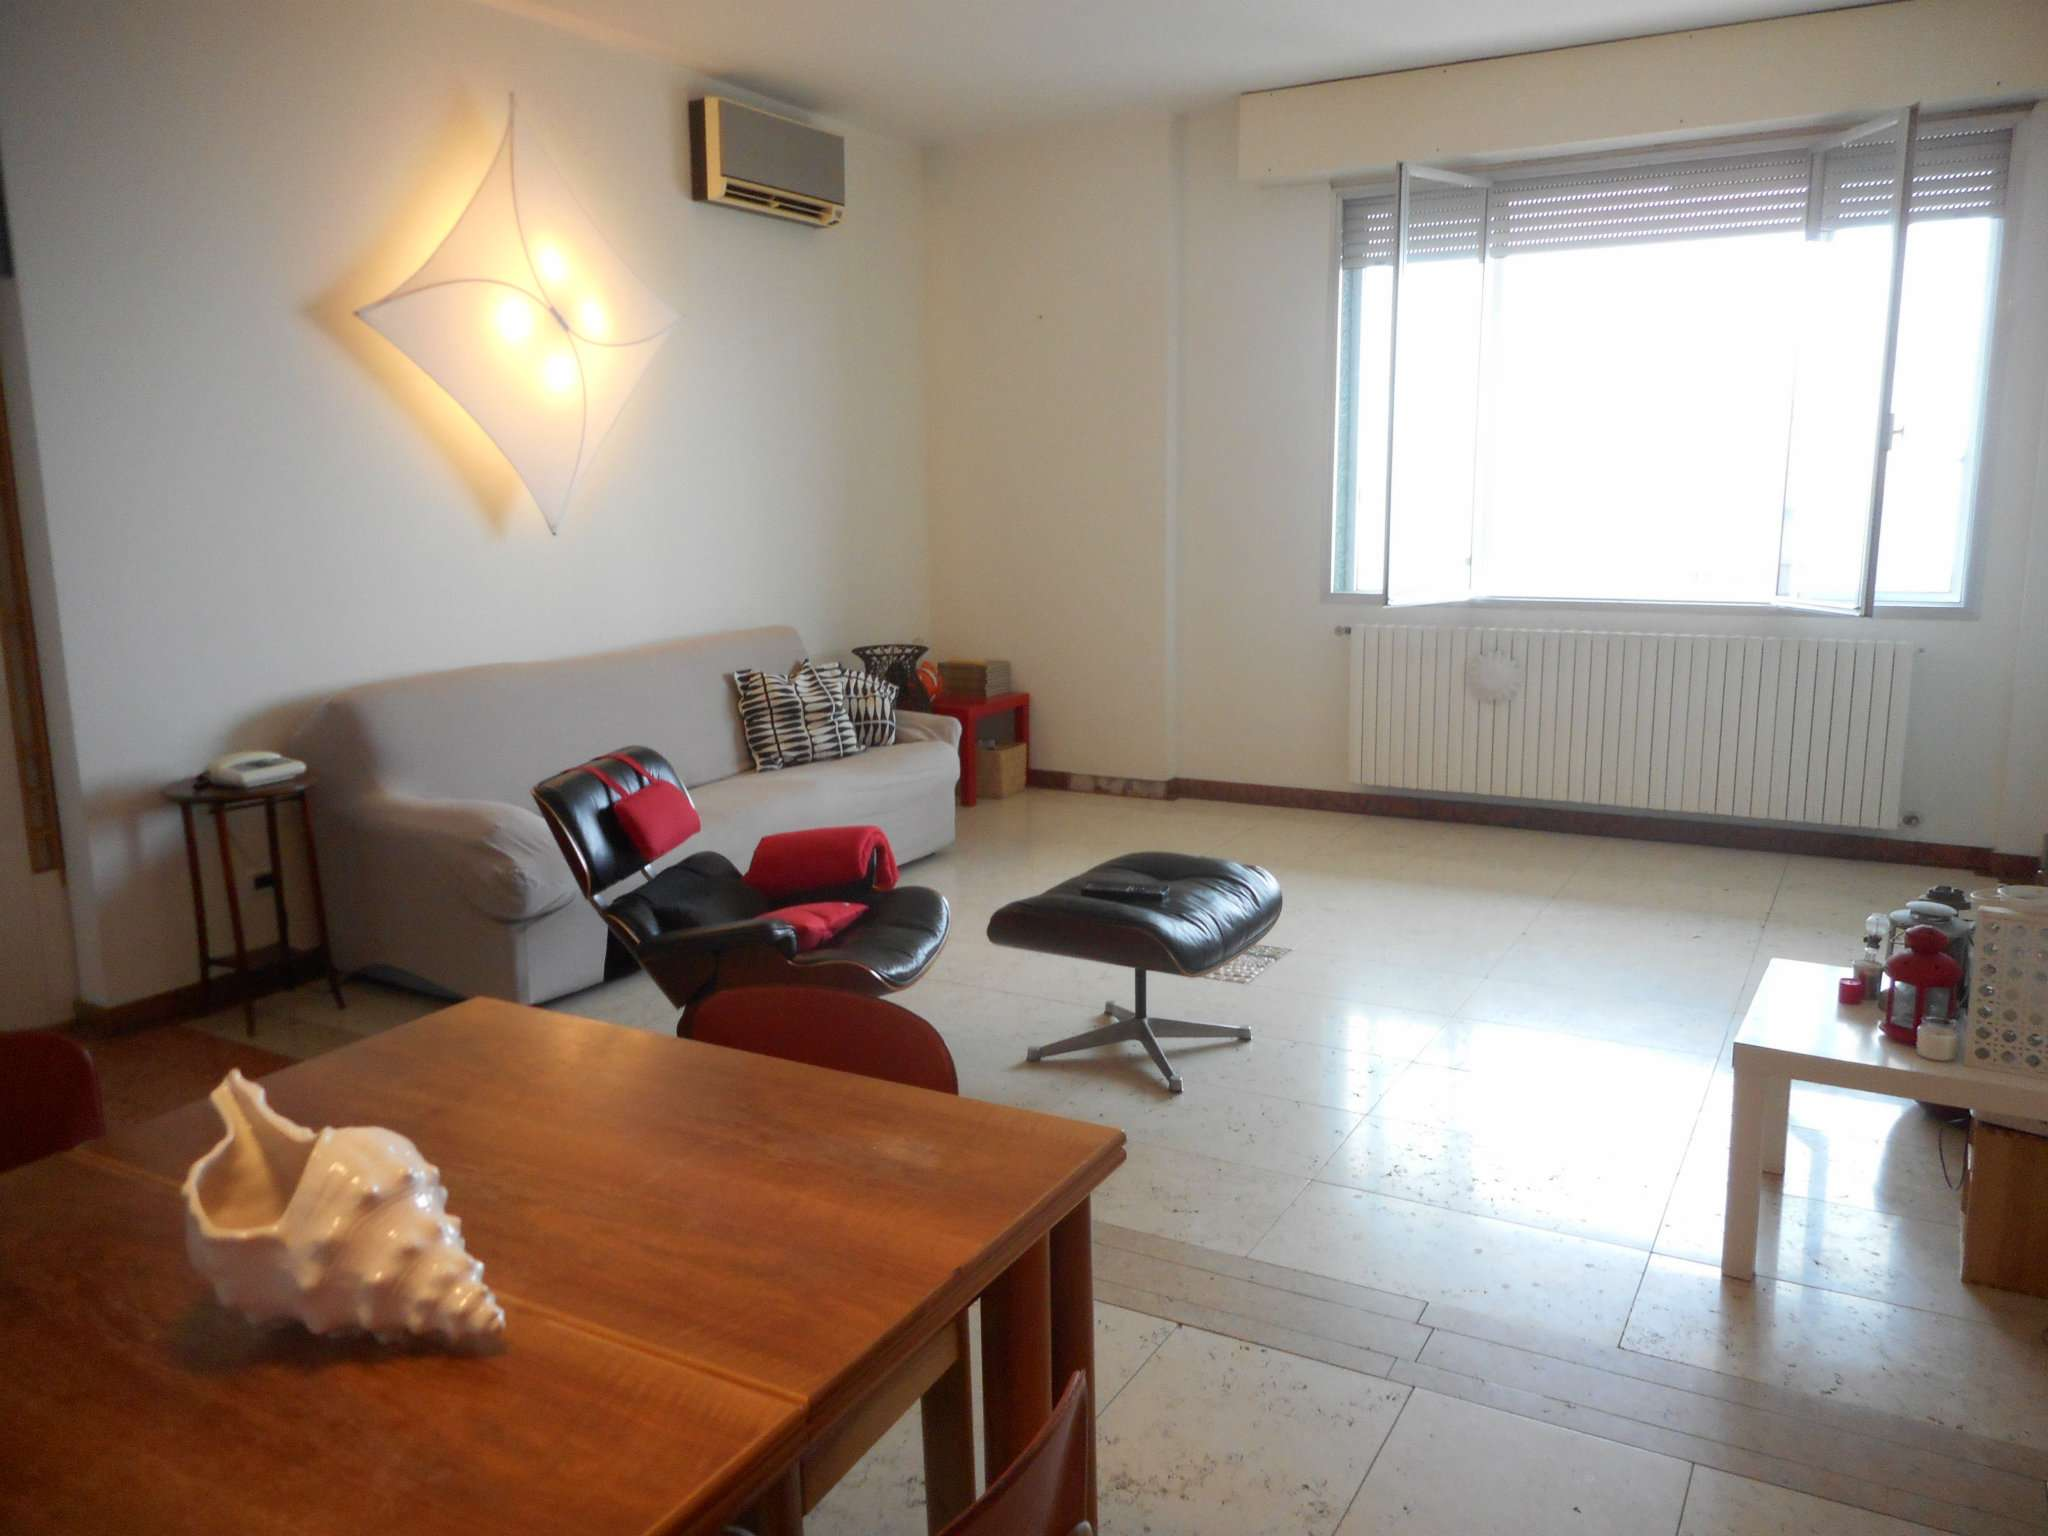 Appartamento in vendita a Rimini, 6 locali, prezzo € 350.000 | Cambio Casa.it